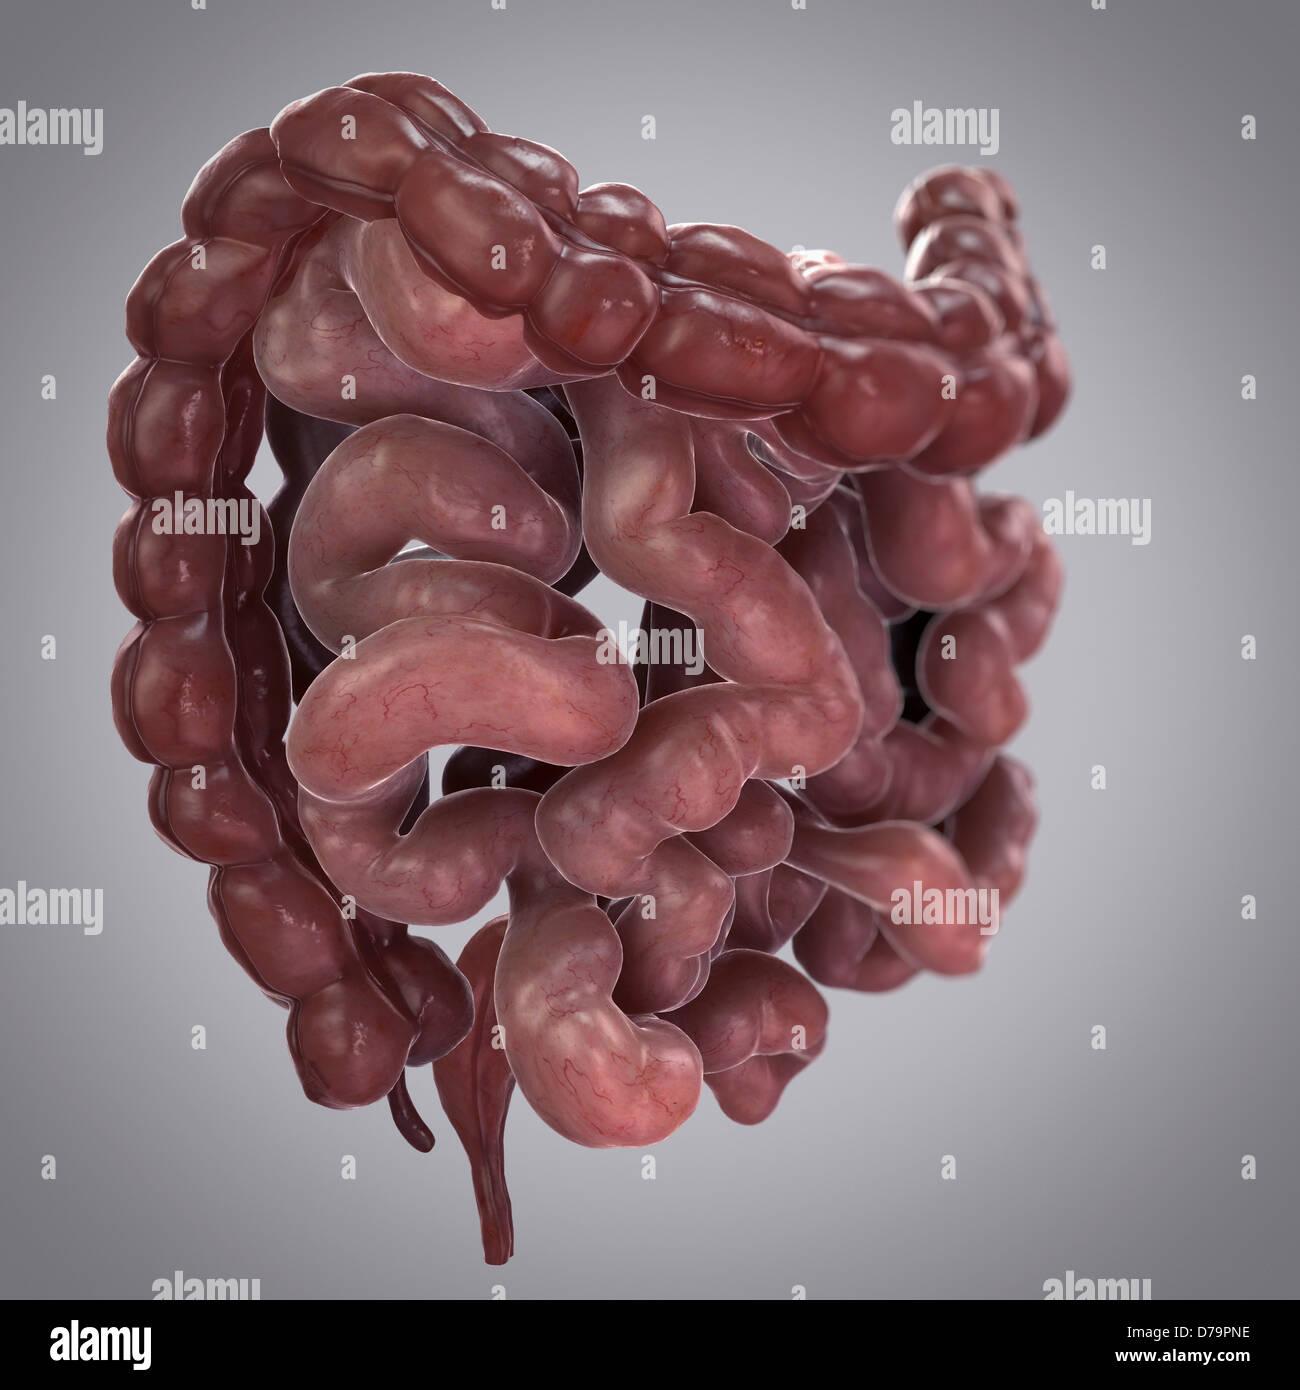 Intestinos humanos Foto & Imagen De Stock: 56149114 - Alamy